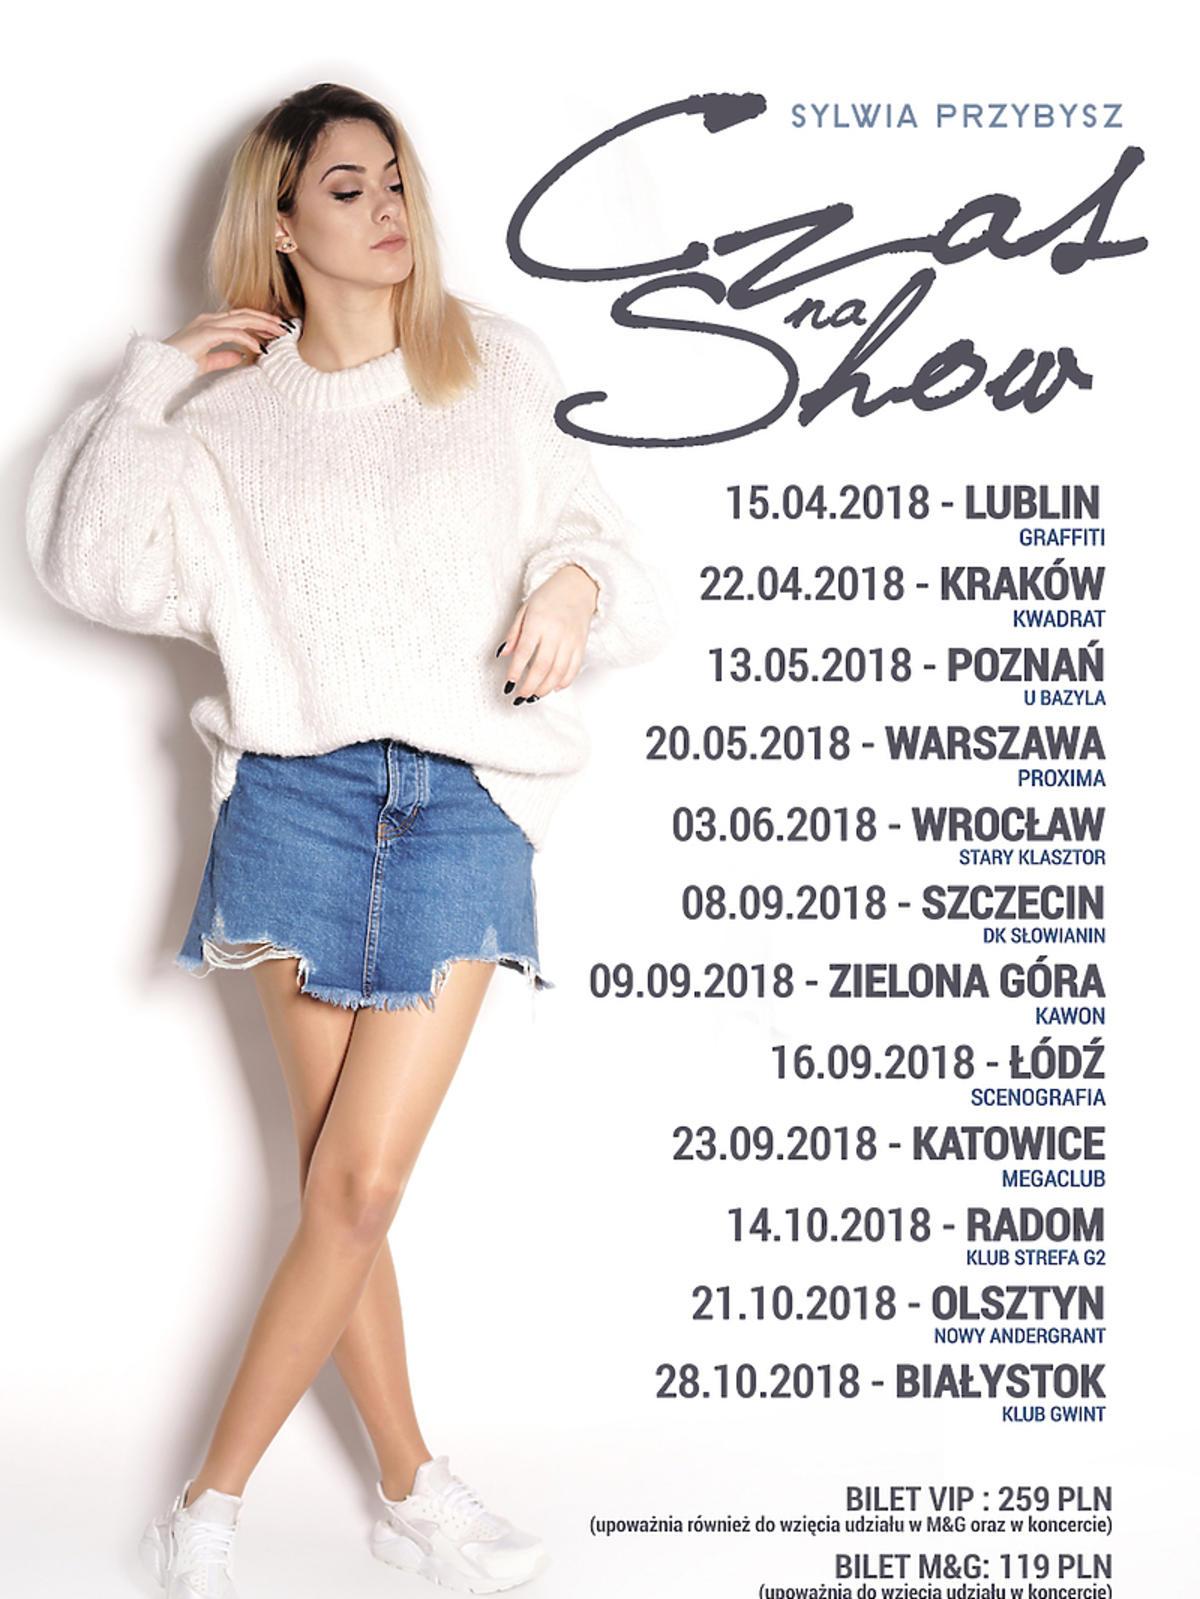 Trasa koncertowa Sylwii Przybysz